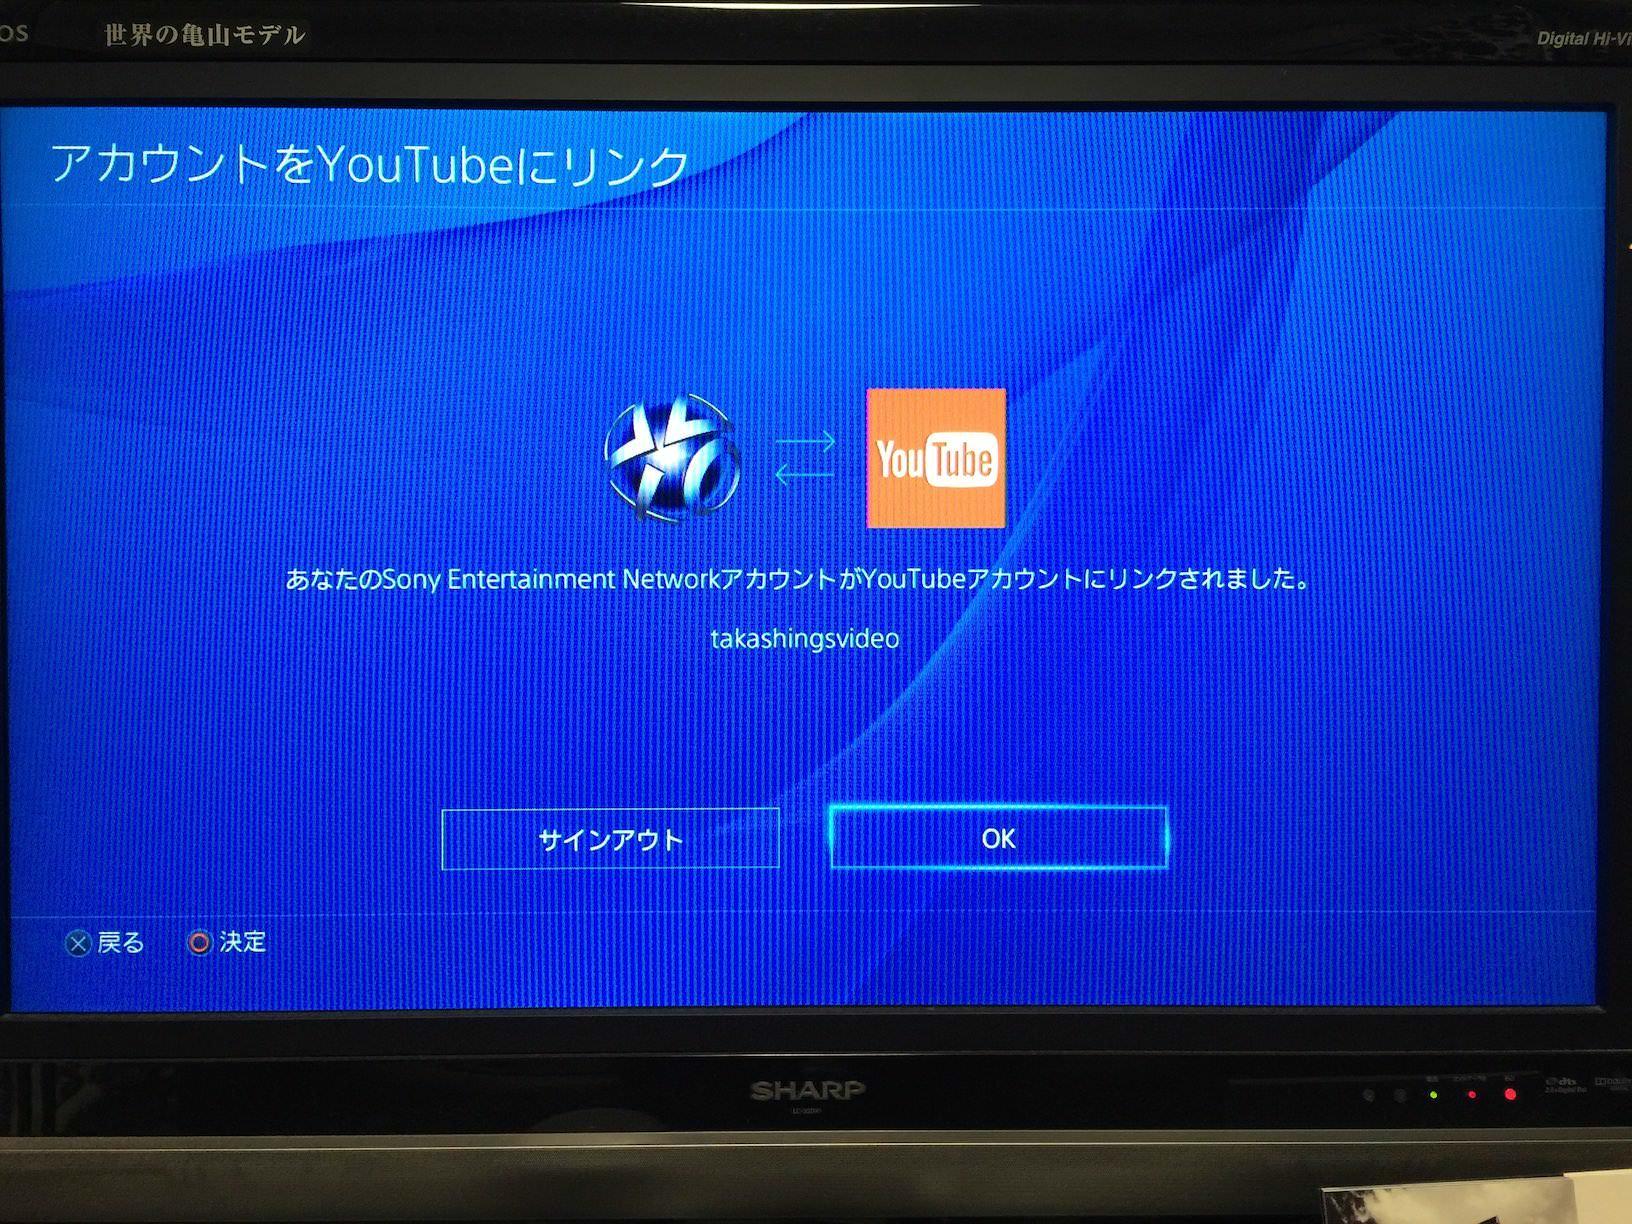 【PS4】プレイステーション4からYoutubeへ動画をアップロードする ...